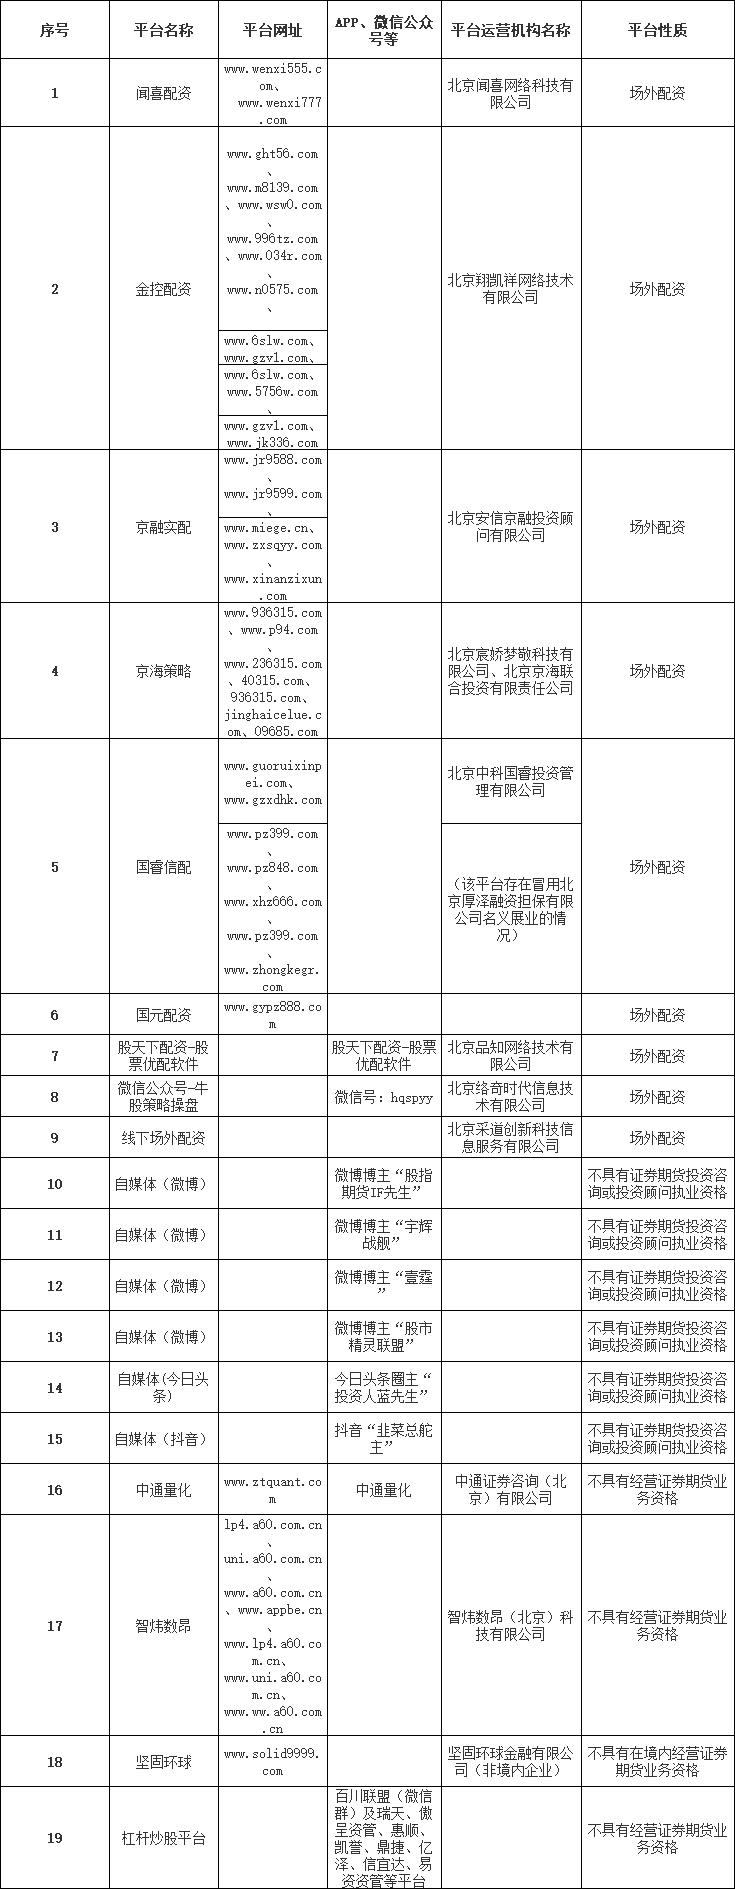 北京证监局公布19家不具备经营证券期货业务资质机构名单